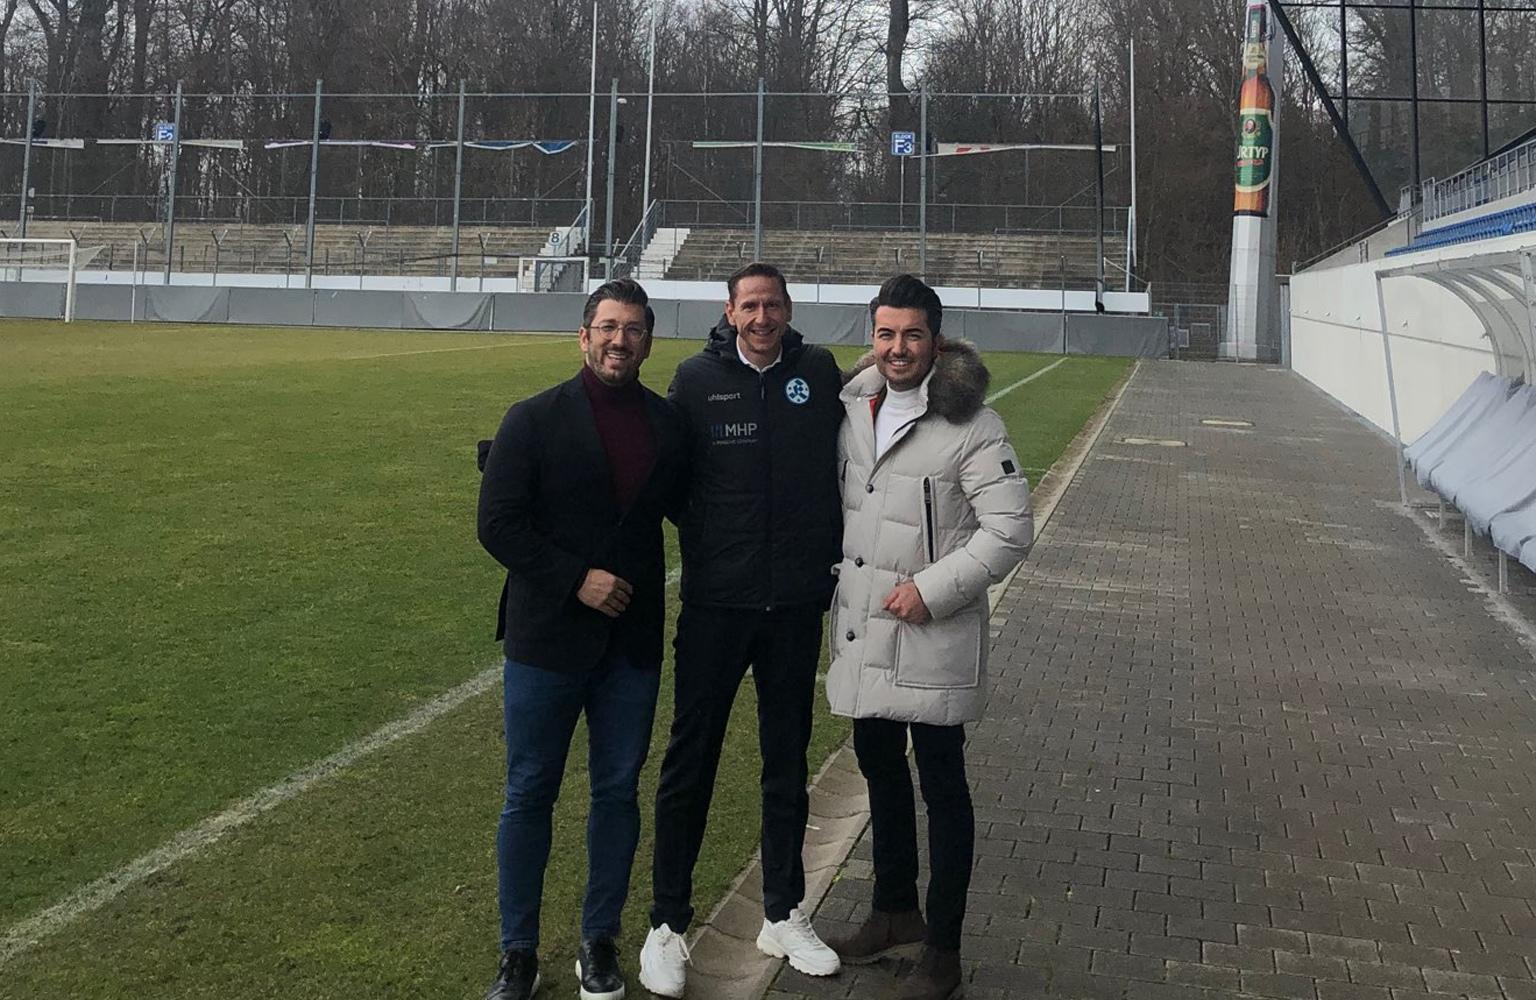 Volltreffer: DEGIV wird offizieller Sponsor der Stuttgarter Kickers